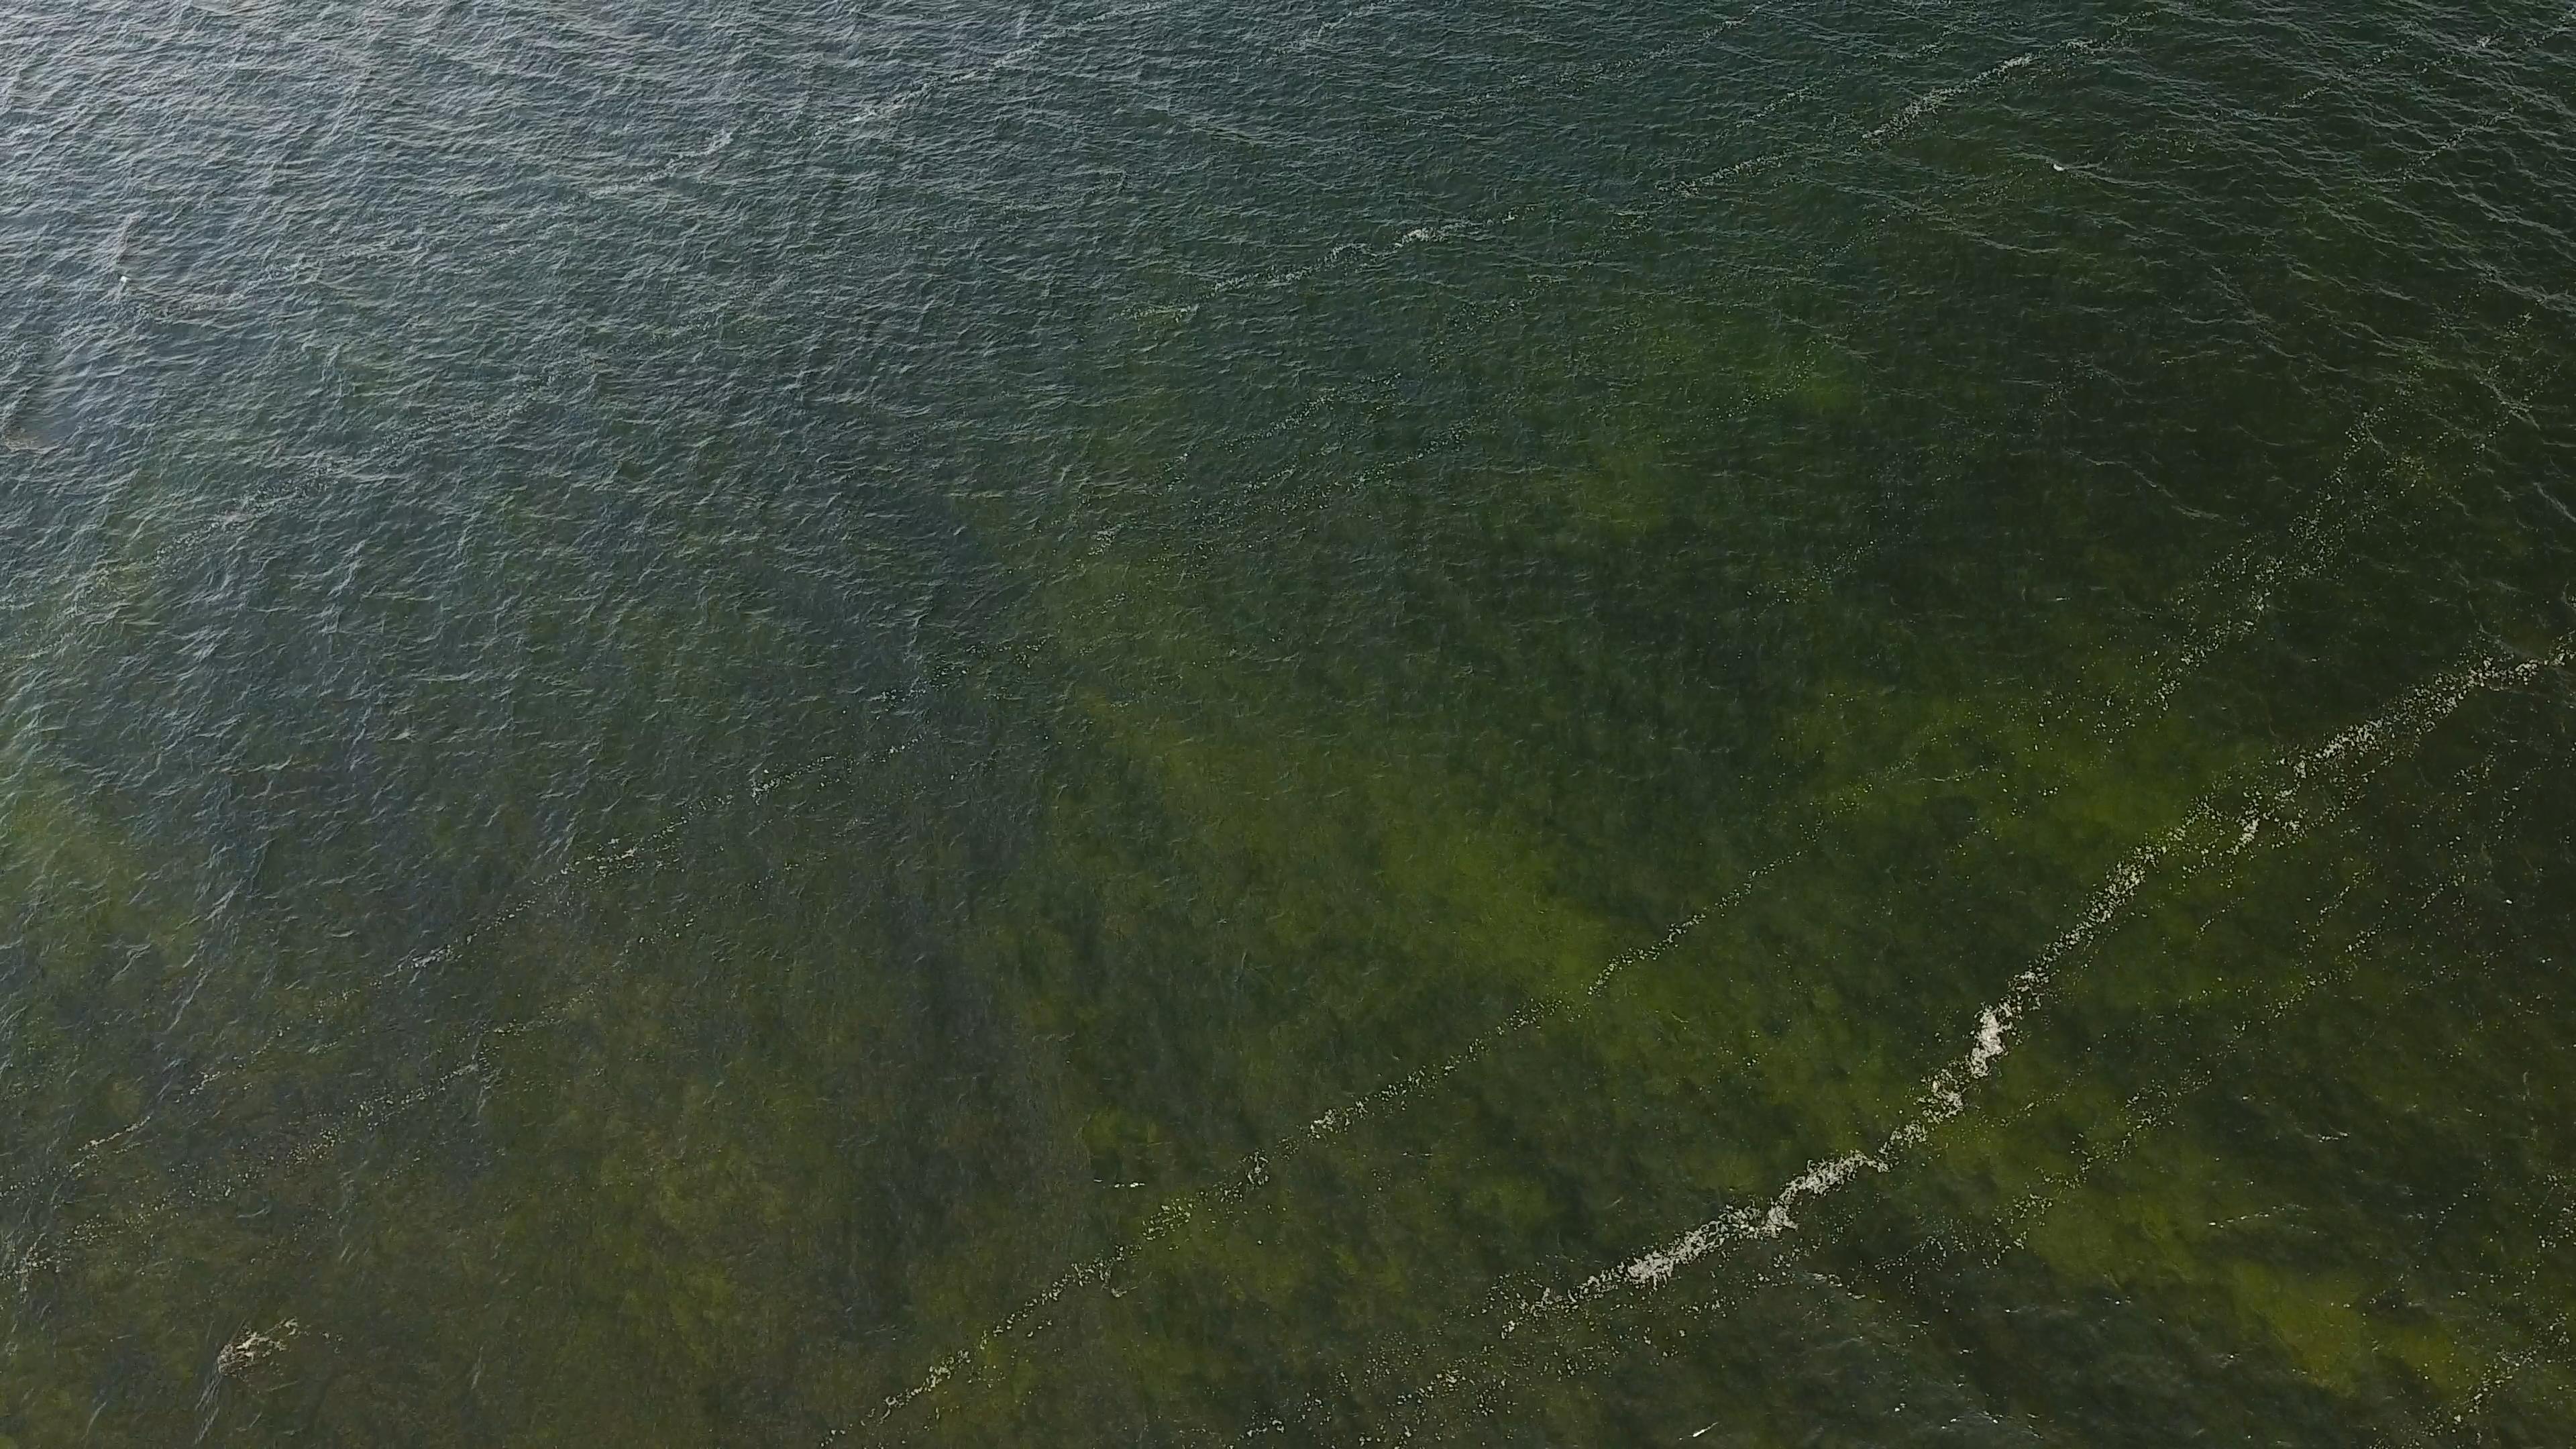 onieda lake waves 10-20-18